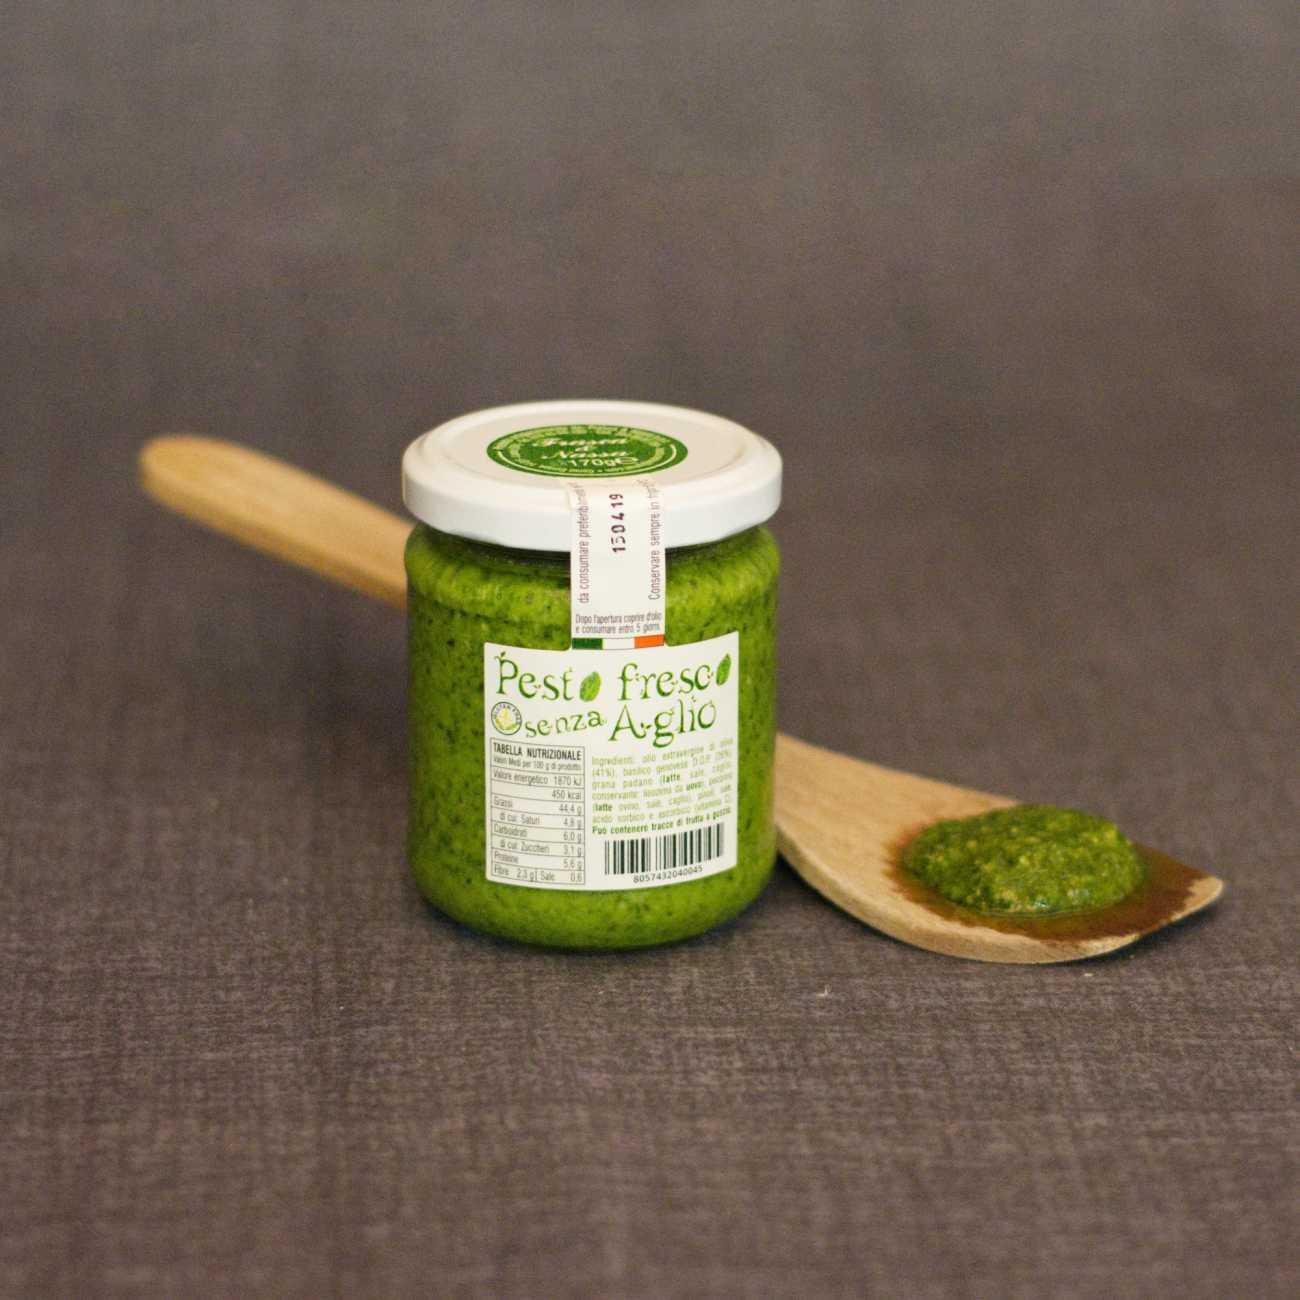 Pesto genovese senz'aglio - Sughi